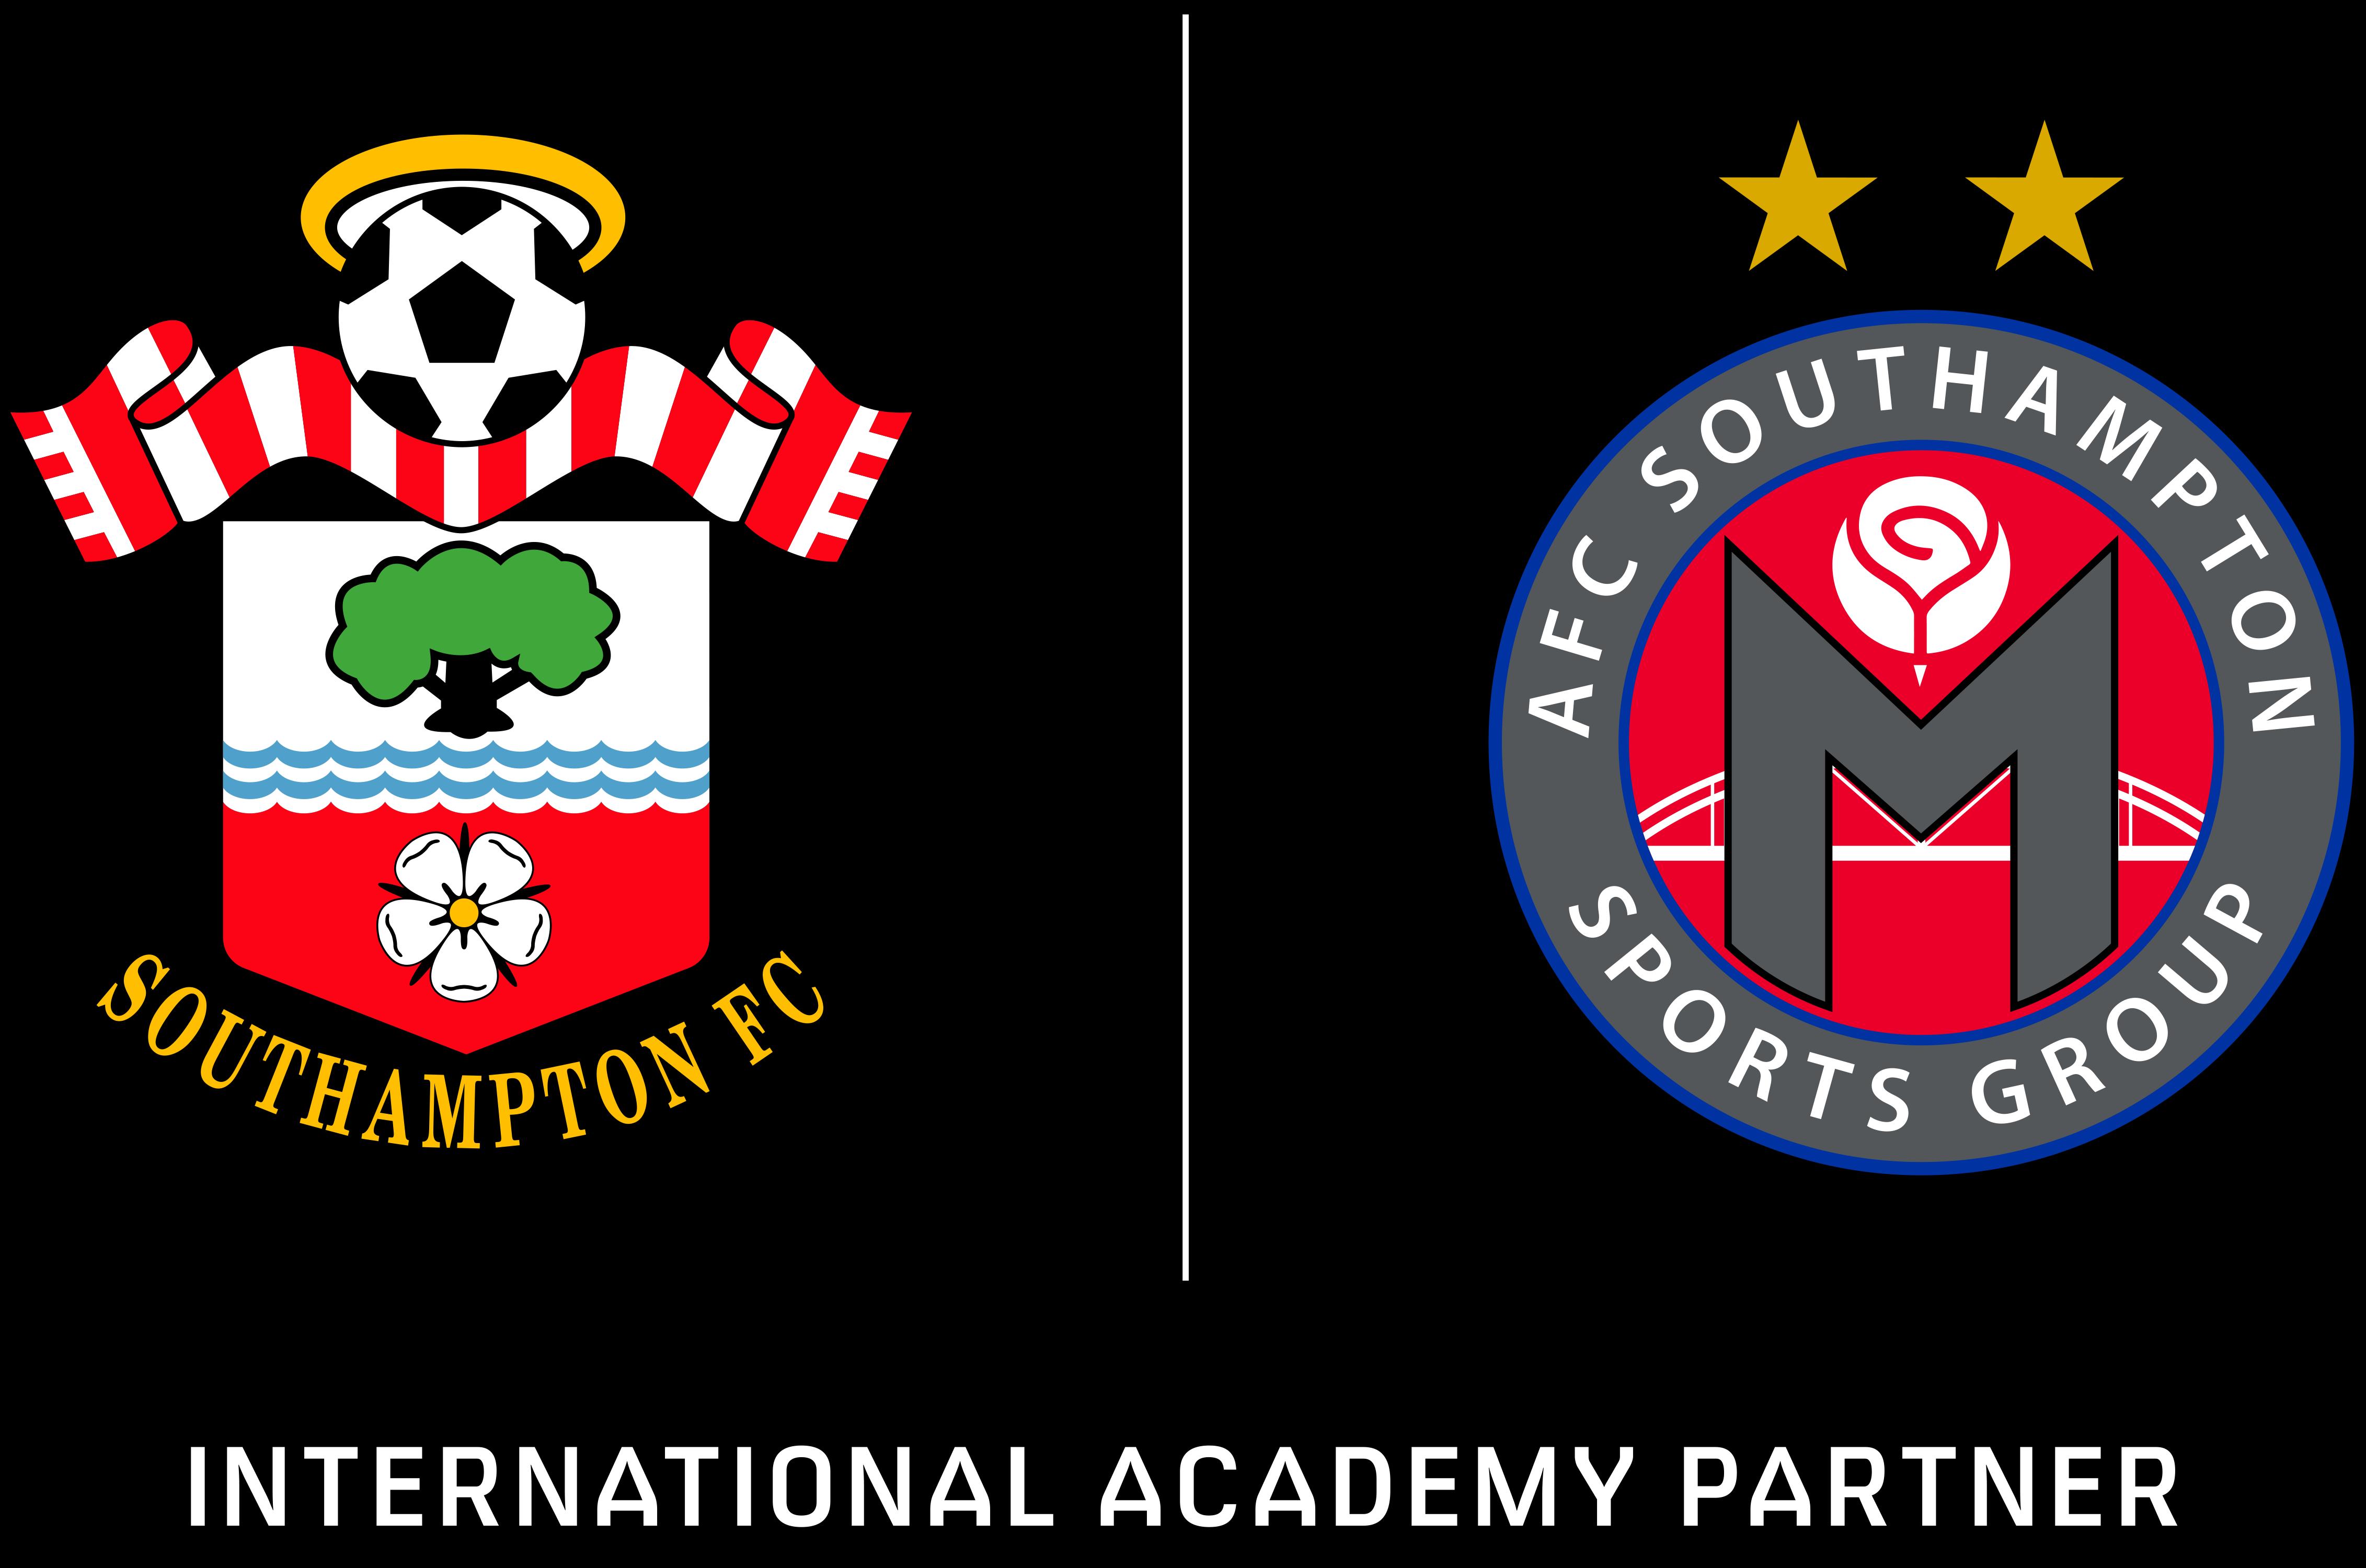 Athletic Football Club Southampton